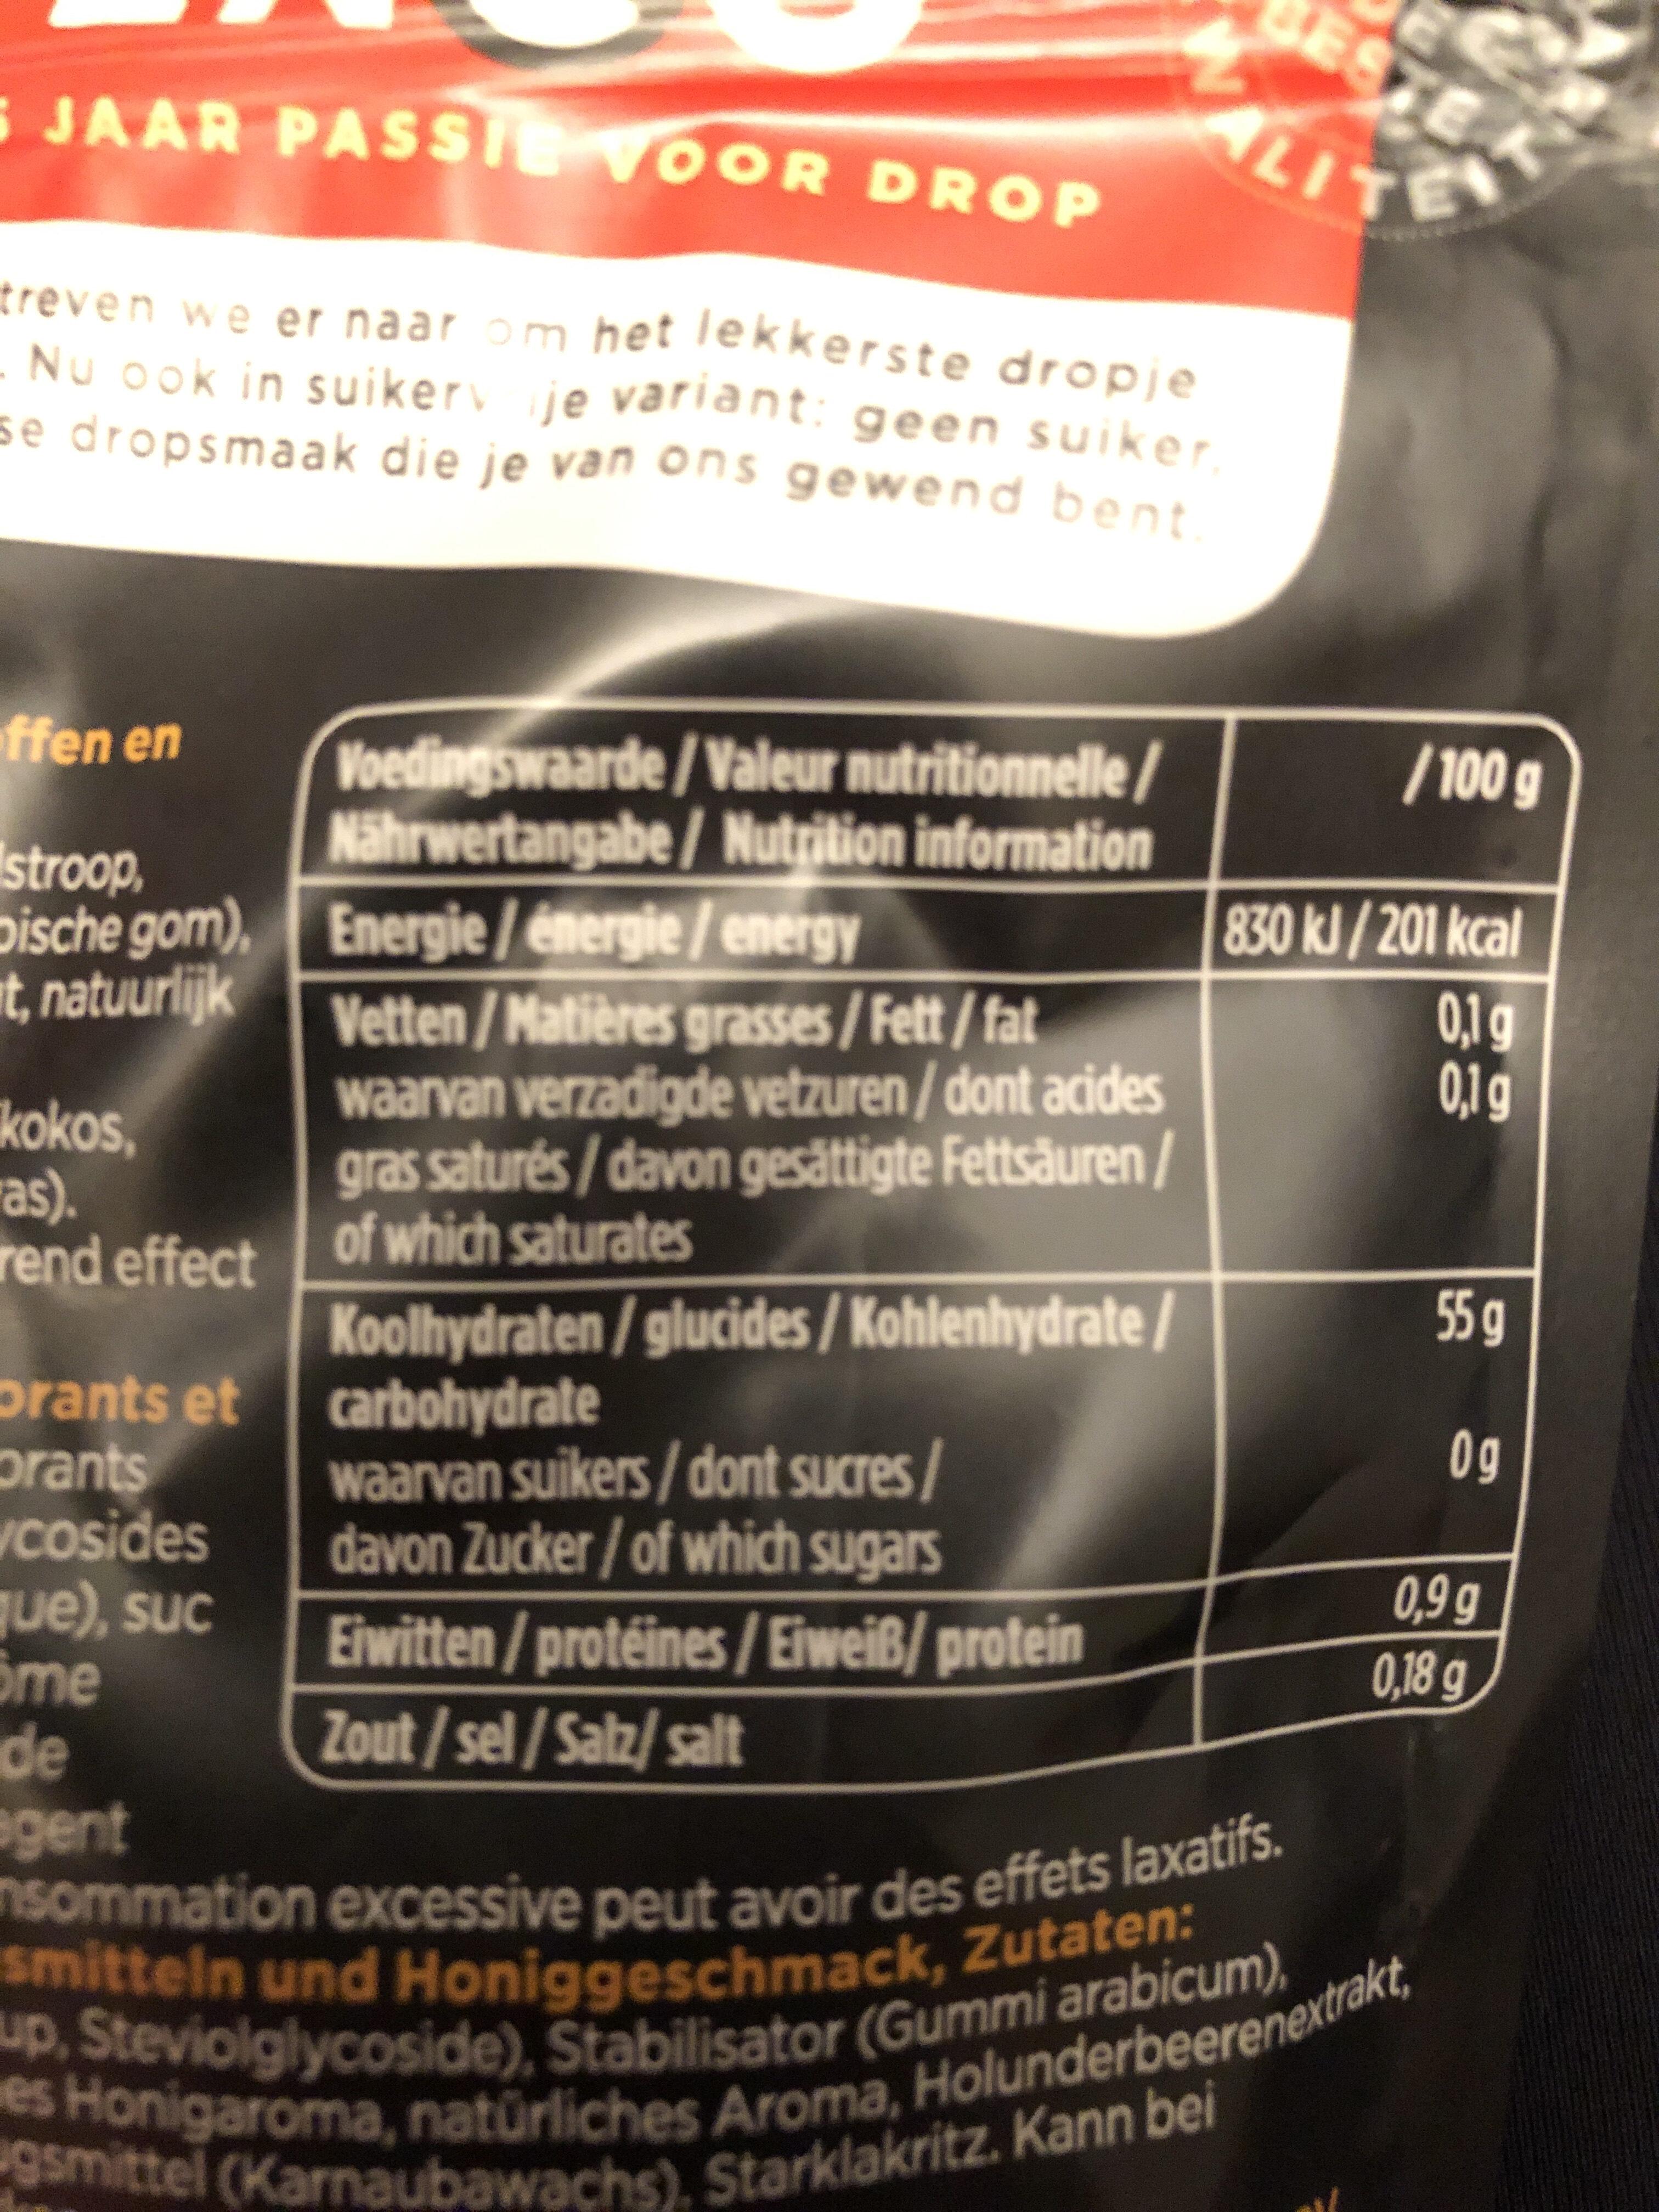 Suikervrij Honing Drop - Nutrition facts